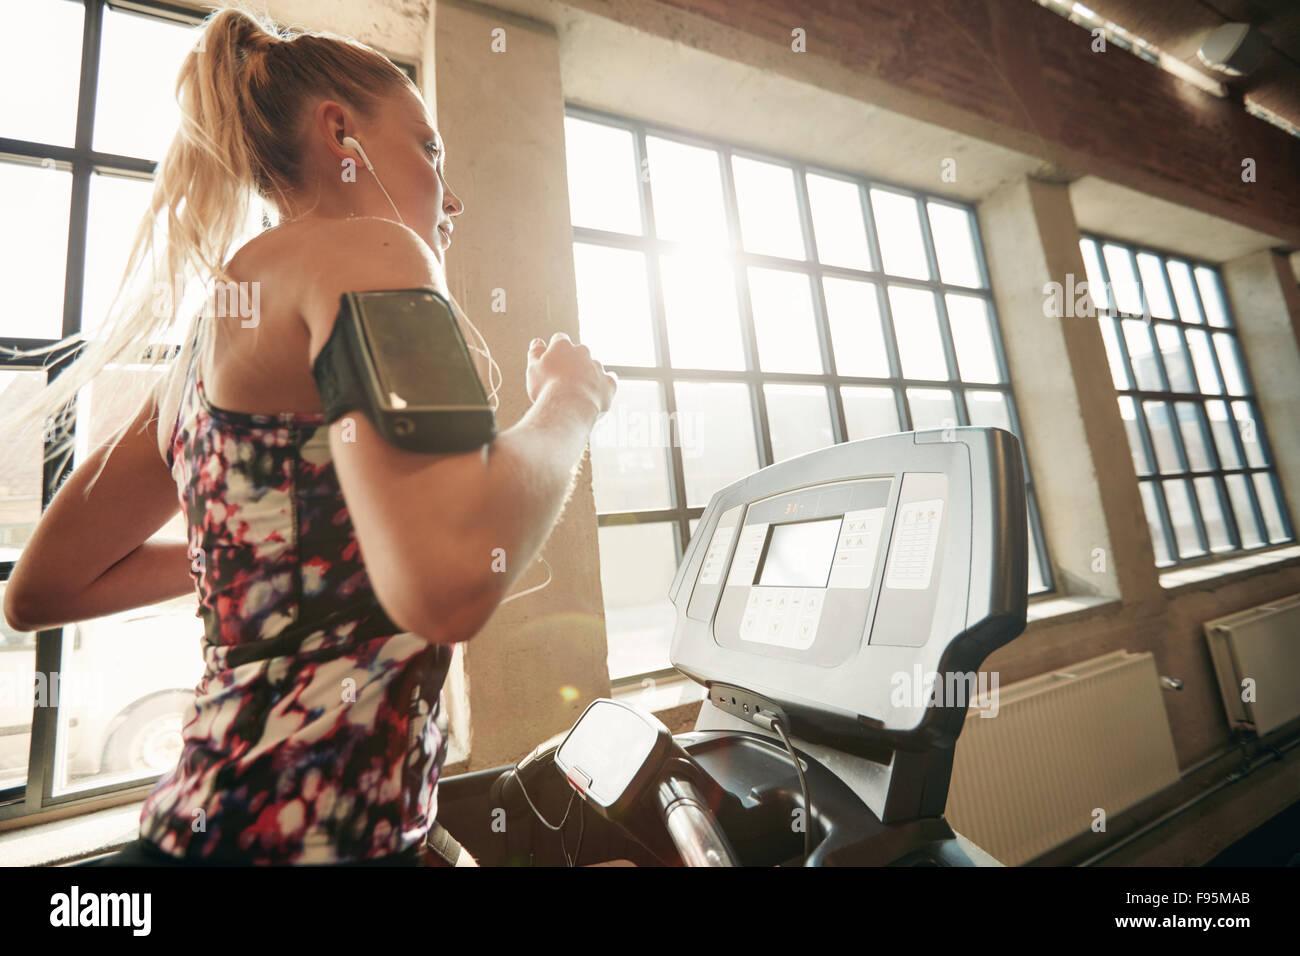 Young konzentrierte sich weibliche trainieren Sie im Fitnessstudio auf dem Laufband Joggen. Fitness-Frau laufen Stockbild